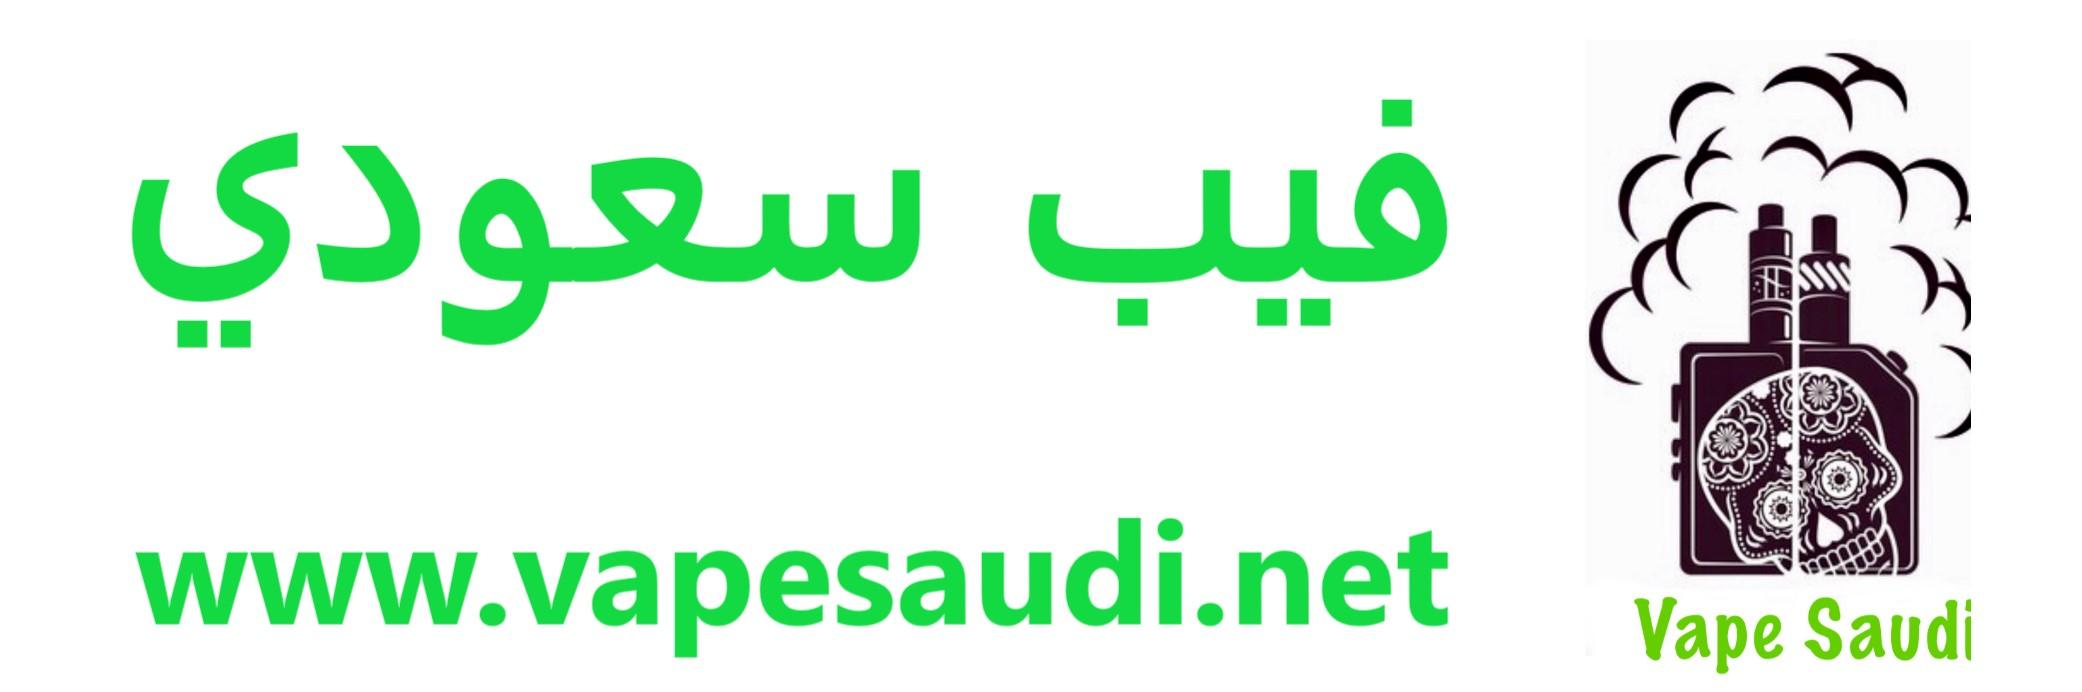 فيب سعودي || VAPE SAUDI KtA7dCZrCt2RDHj20FlWoTOUSwqCCvFIzwmQTtOa